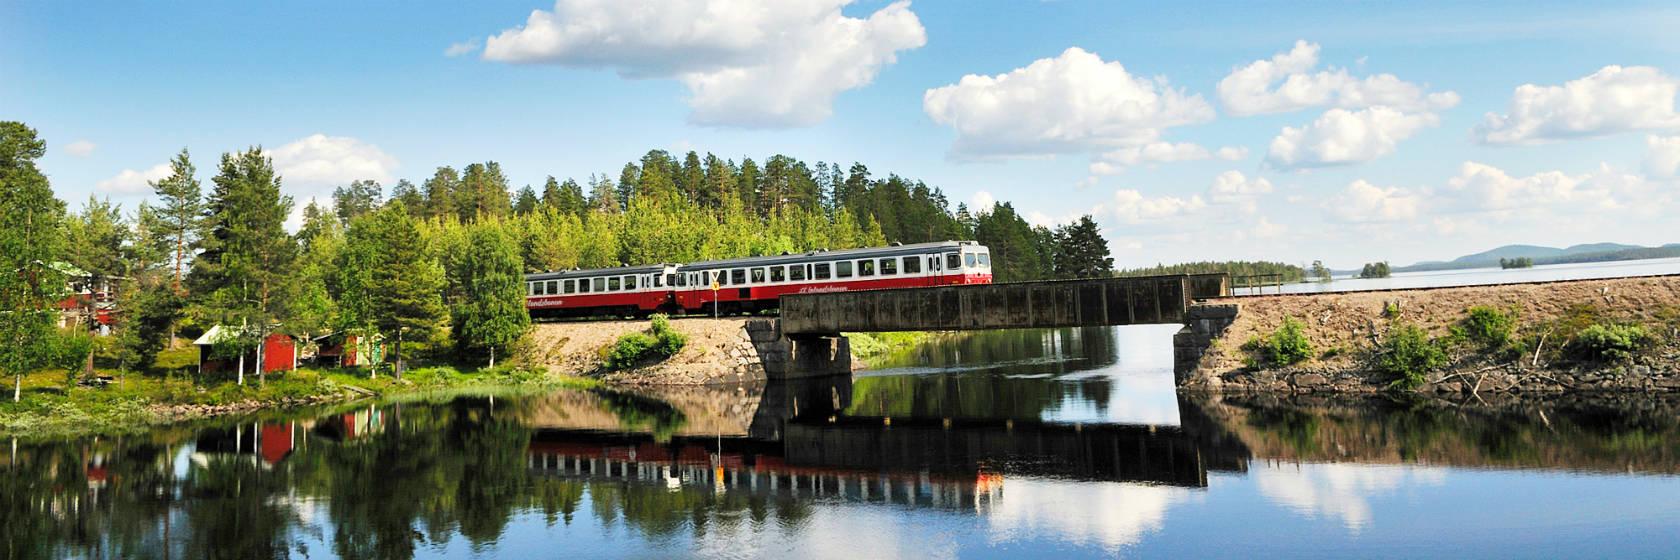 Inlandsbanetåg åker över en bro